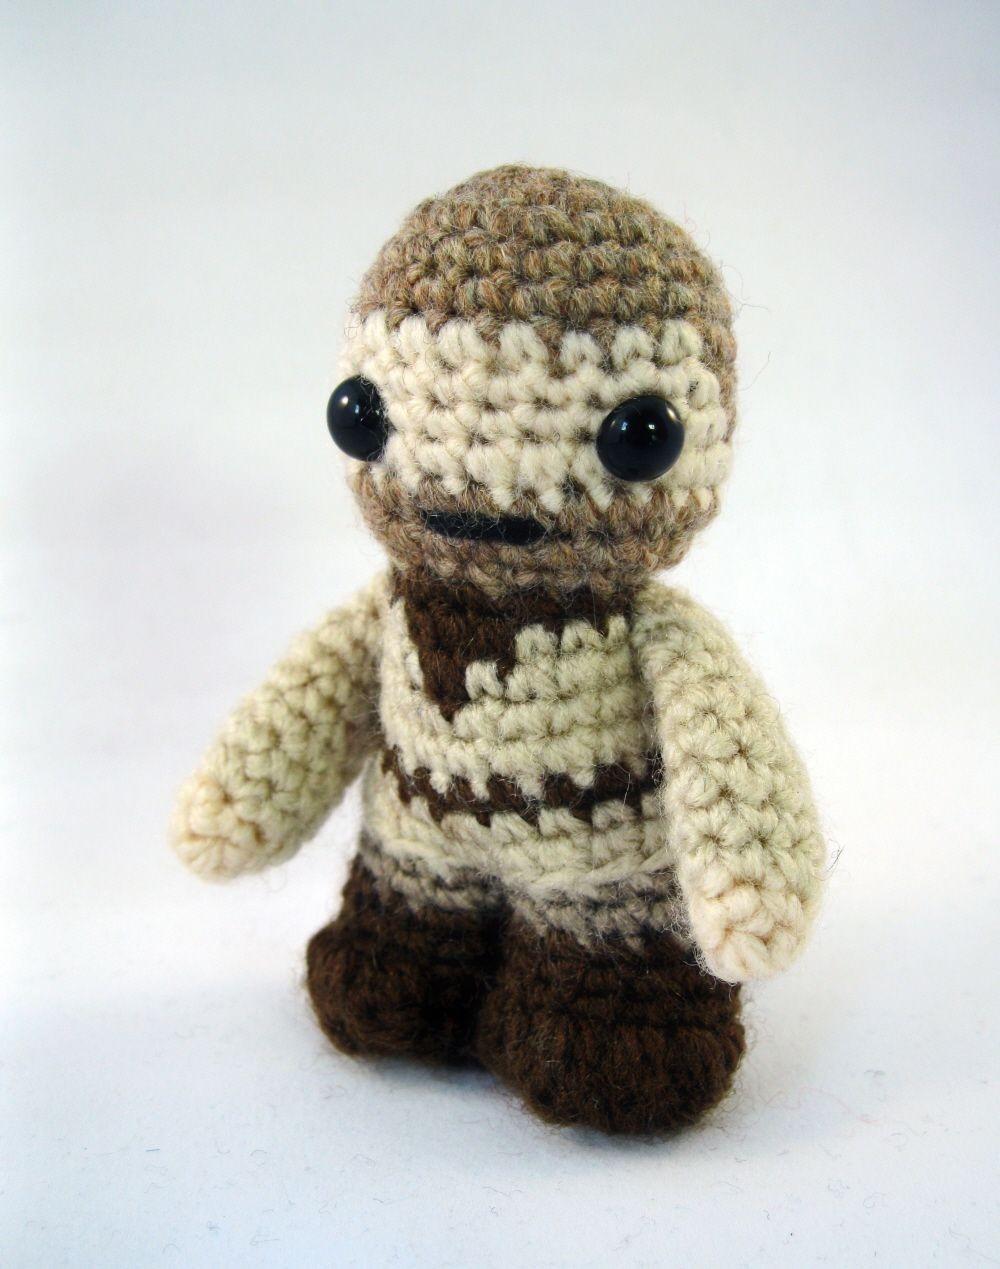 Sackboy Papercraft Lucyravenscar Crochet Creatures Obi Wan Kenobi Mini Amigurumi